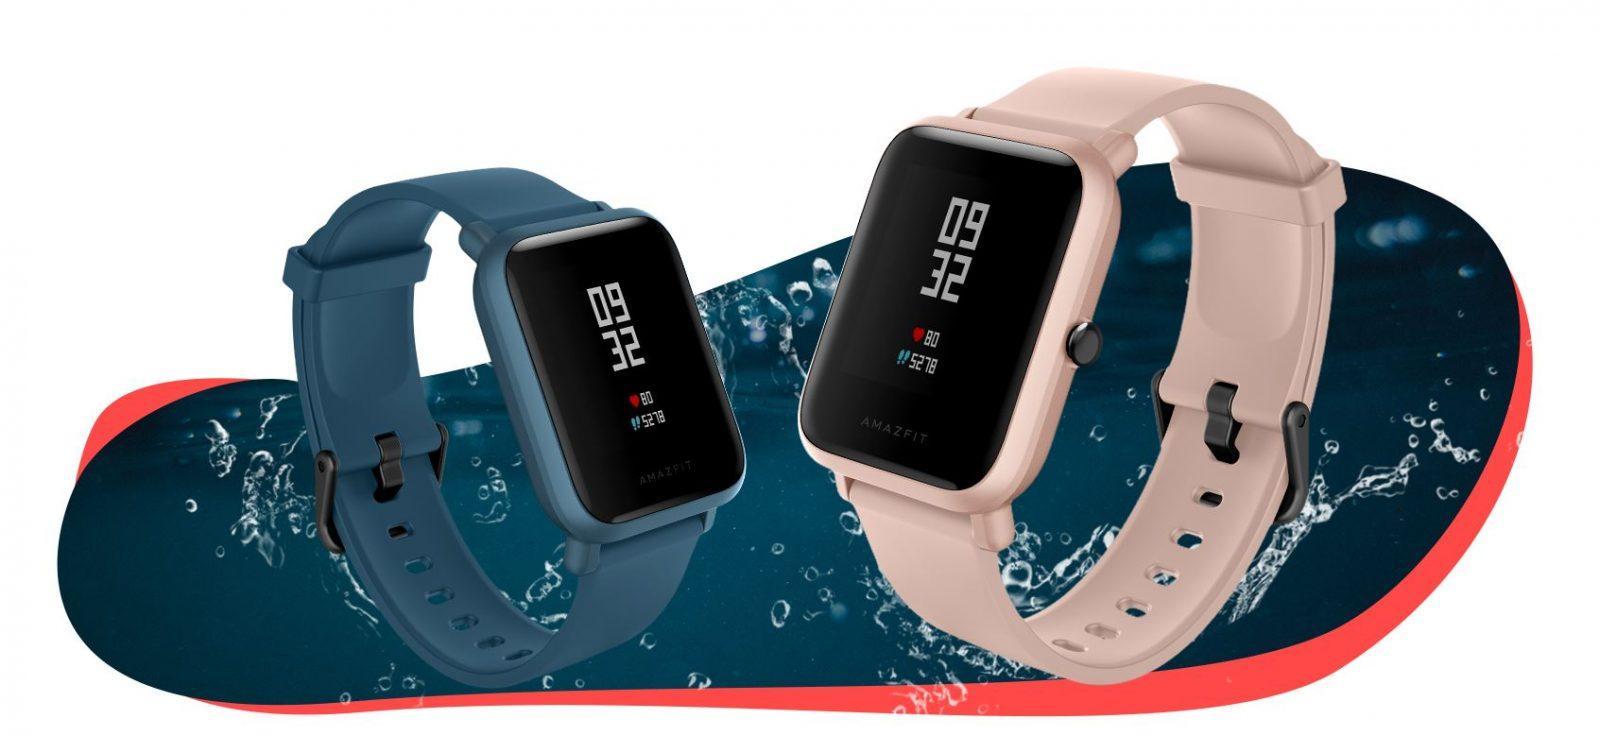 Подборка интересных товаров с хорошей скидкой из разных магазинов - Смарт-часы, Bluetooth-наушники, Смартфоны, Зарядное устройство и Холодильник.